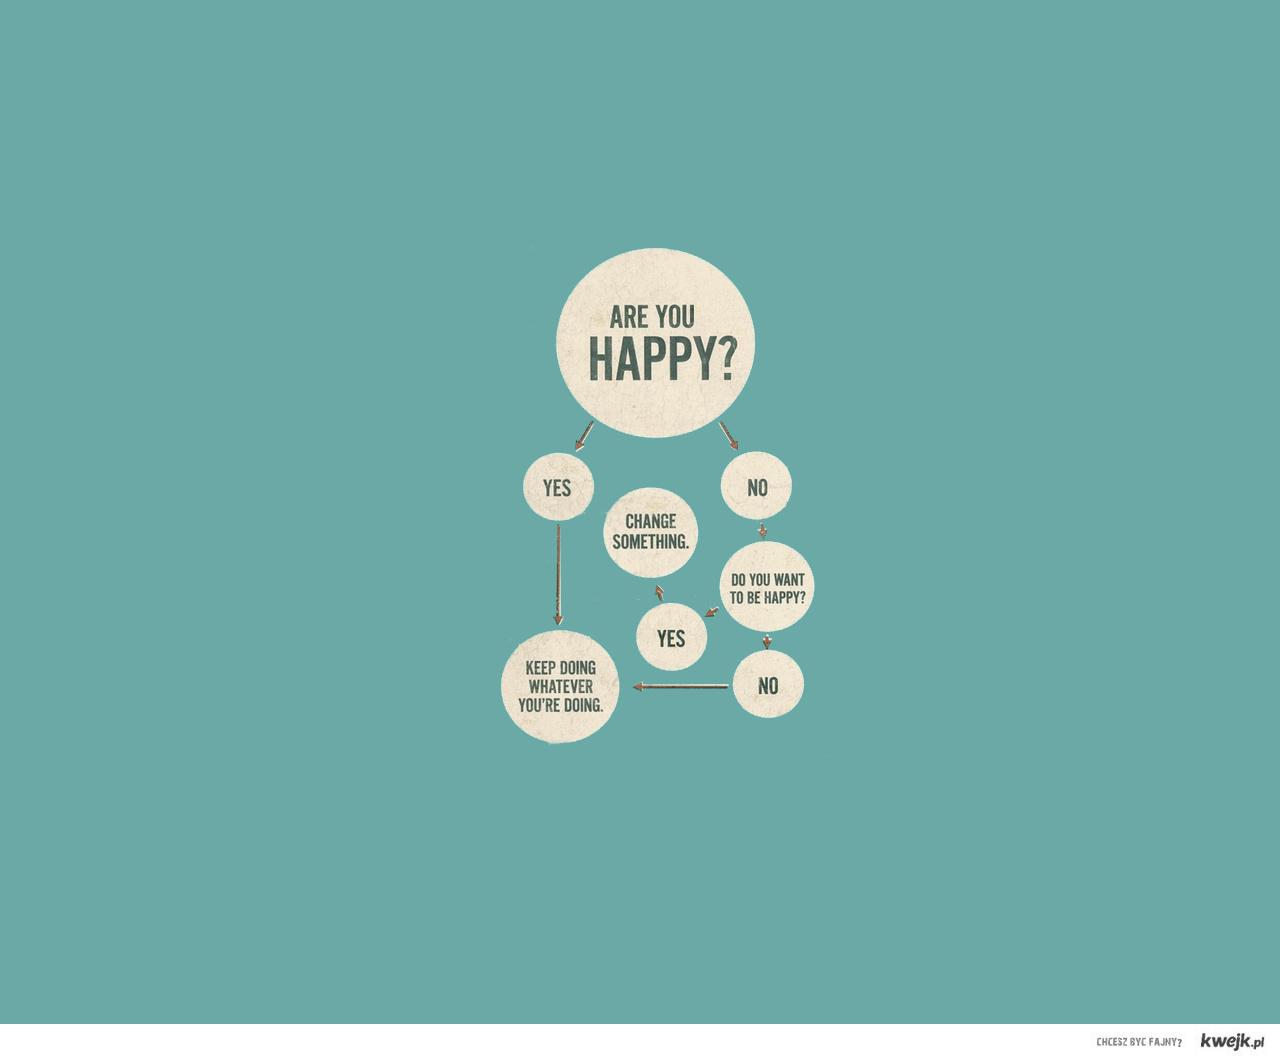 Are yo happy?